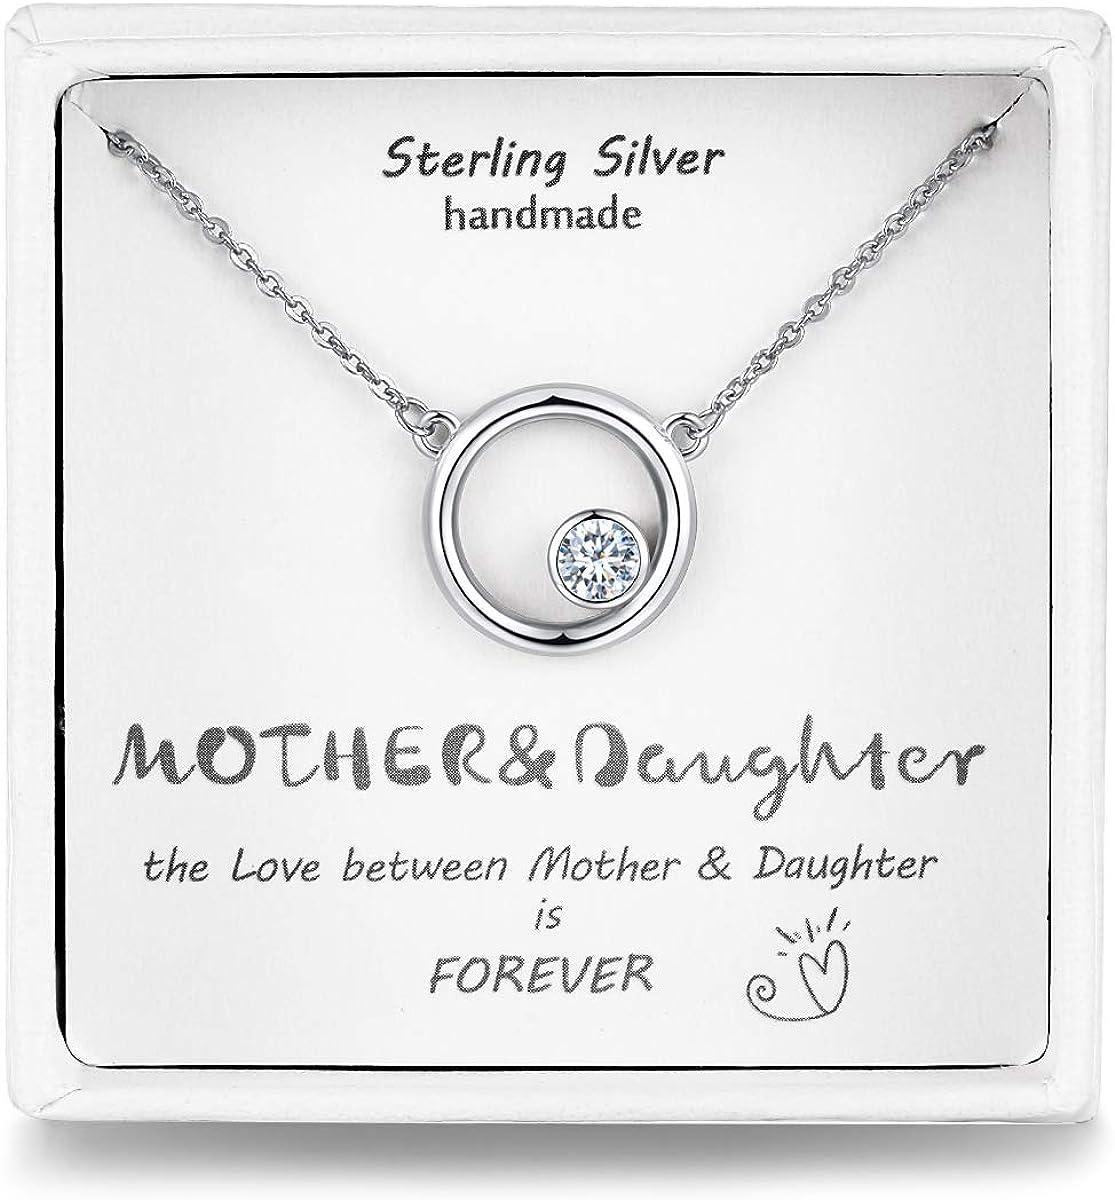 Qings Collares Mujer,Plata de Ley 925 Circonita Collar Circulo Cadena Plata, Regalos para el día de la Madre